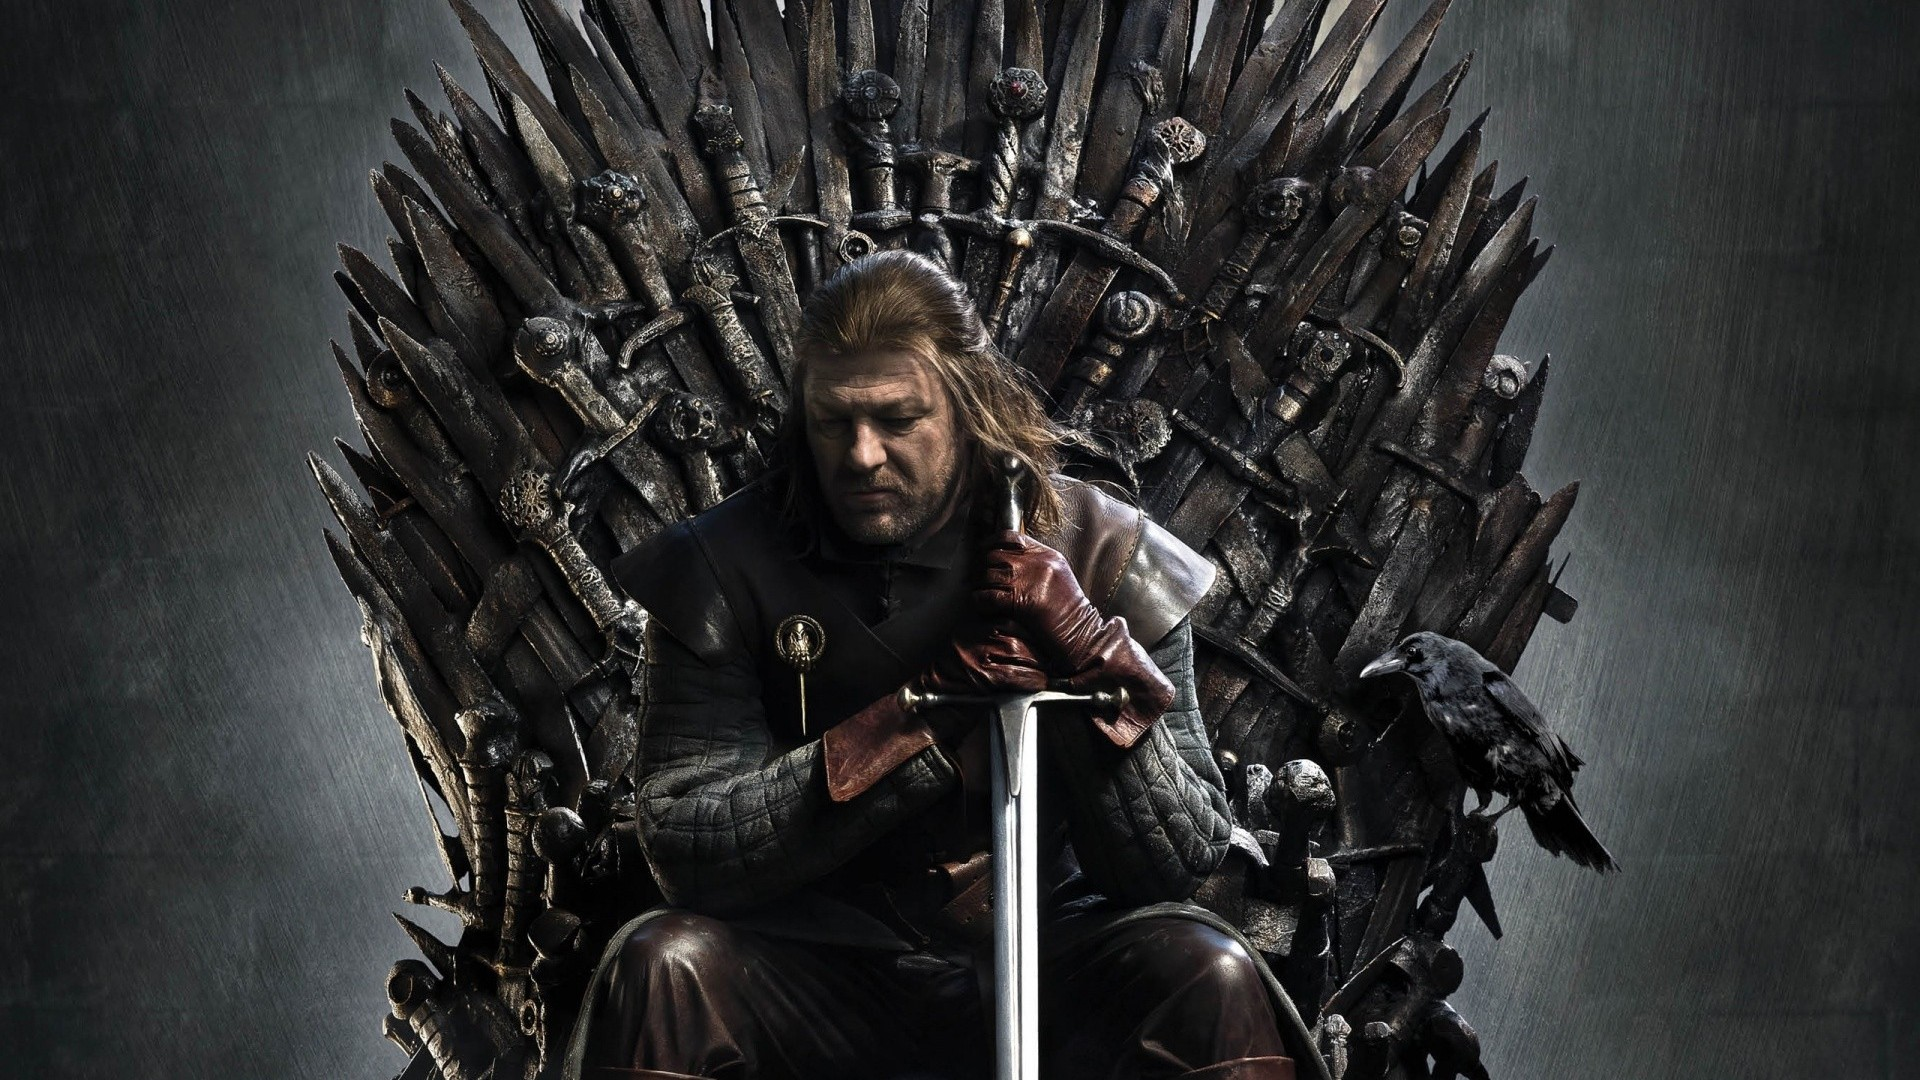 10 Frases Marcantes De Game Of Thrones Para Refletir Lovz